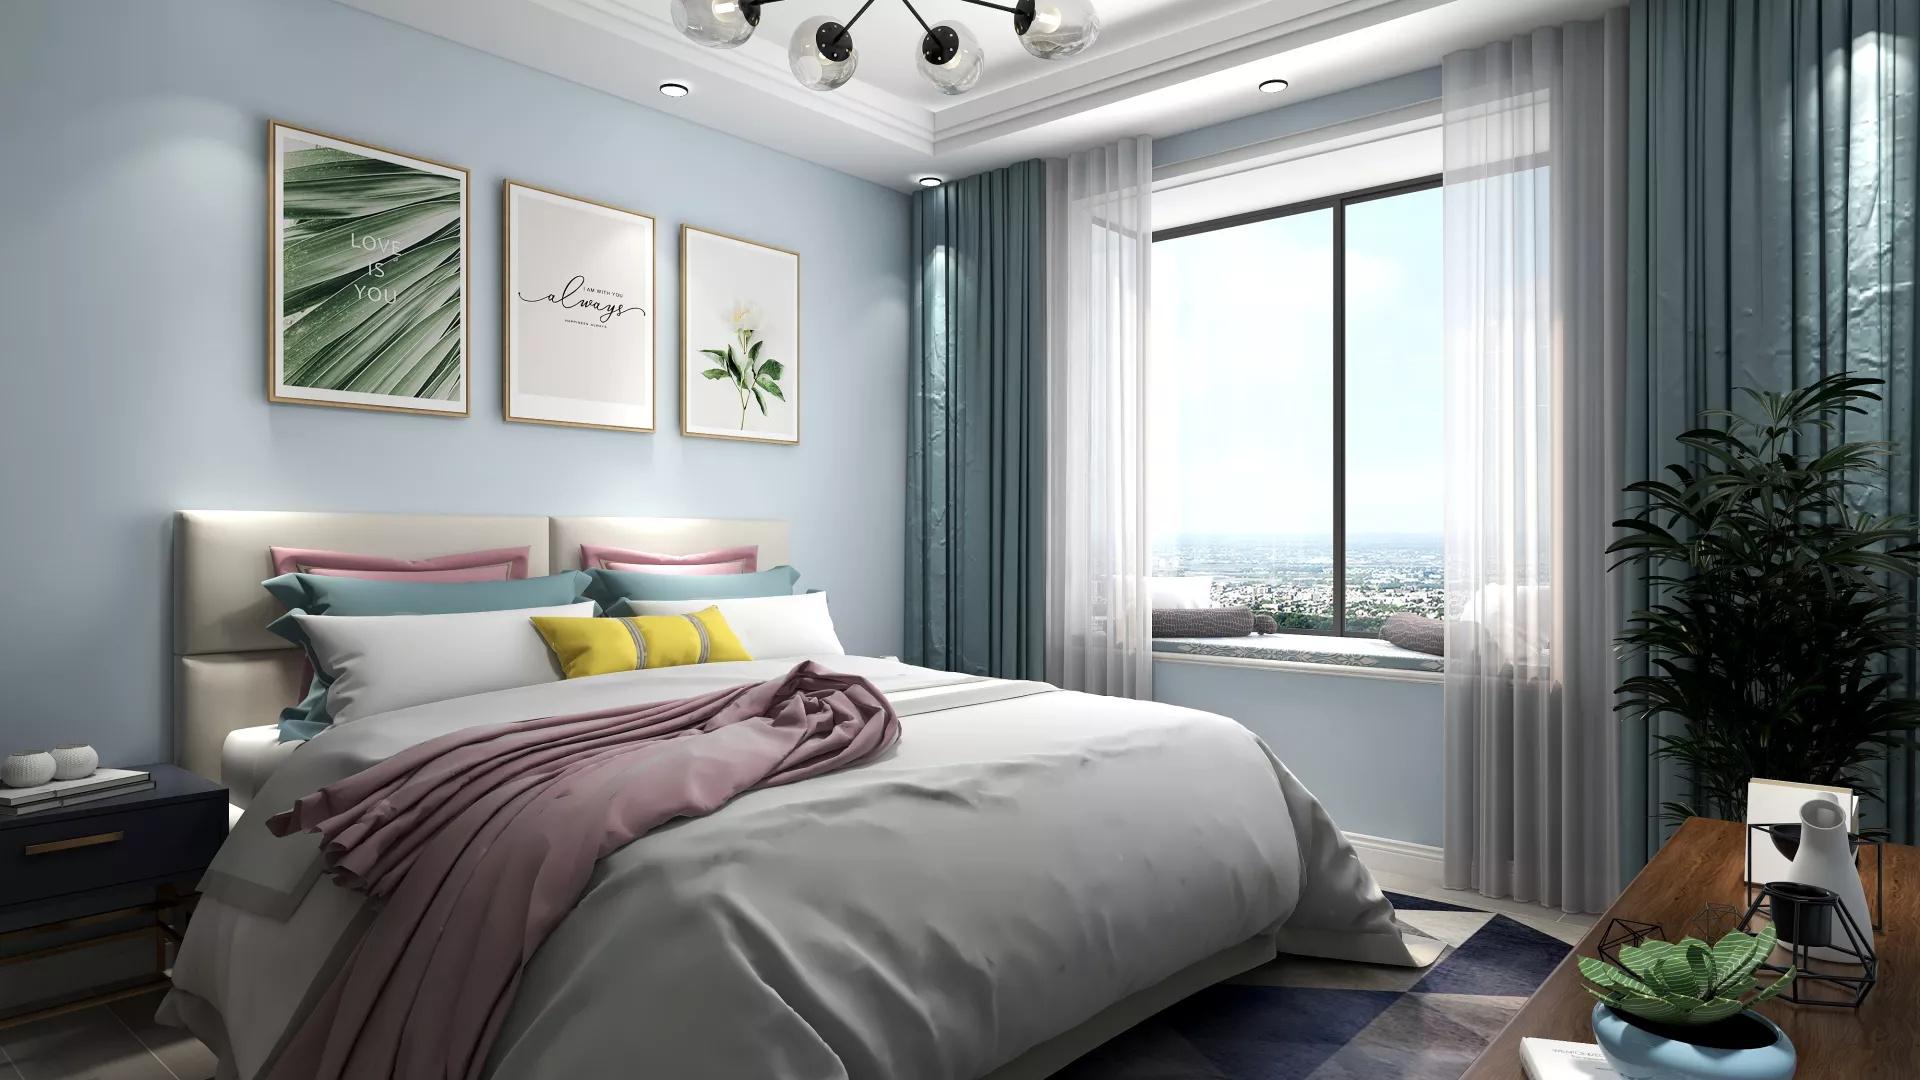 室内装修设计步骤有哪些 室内装修设计流程